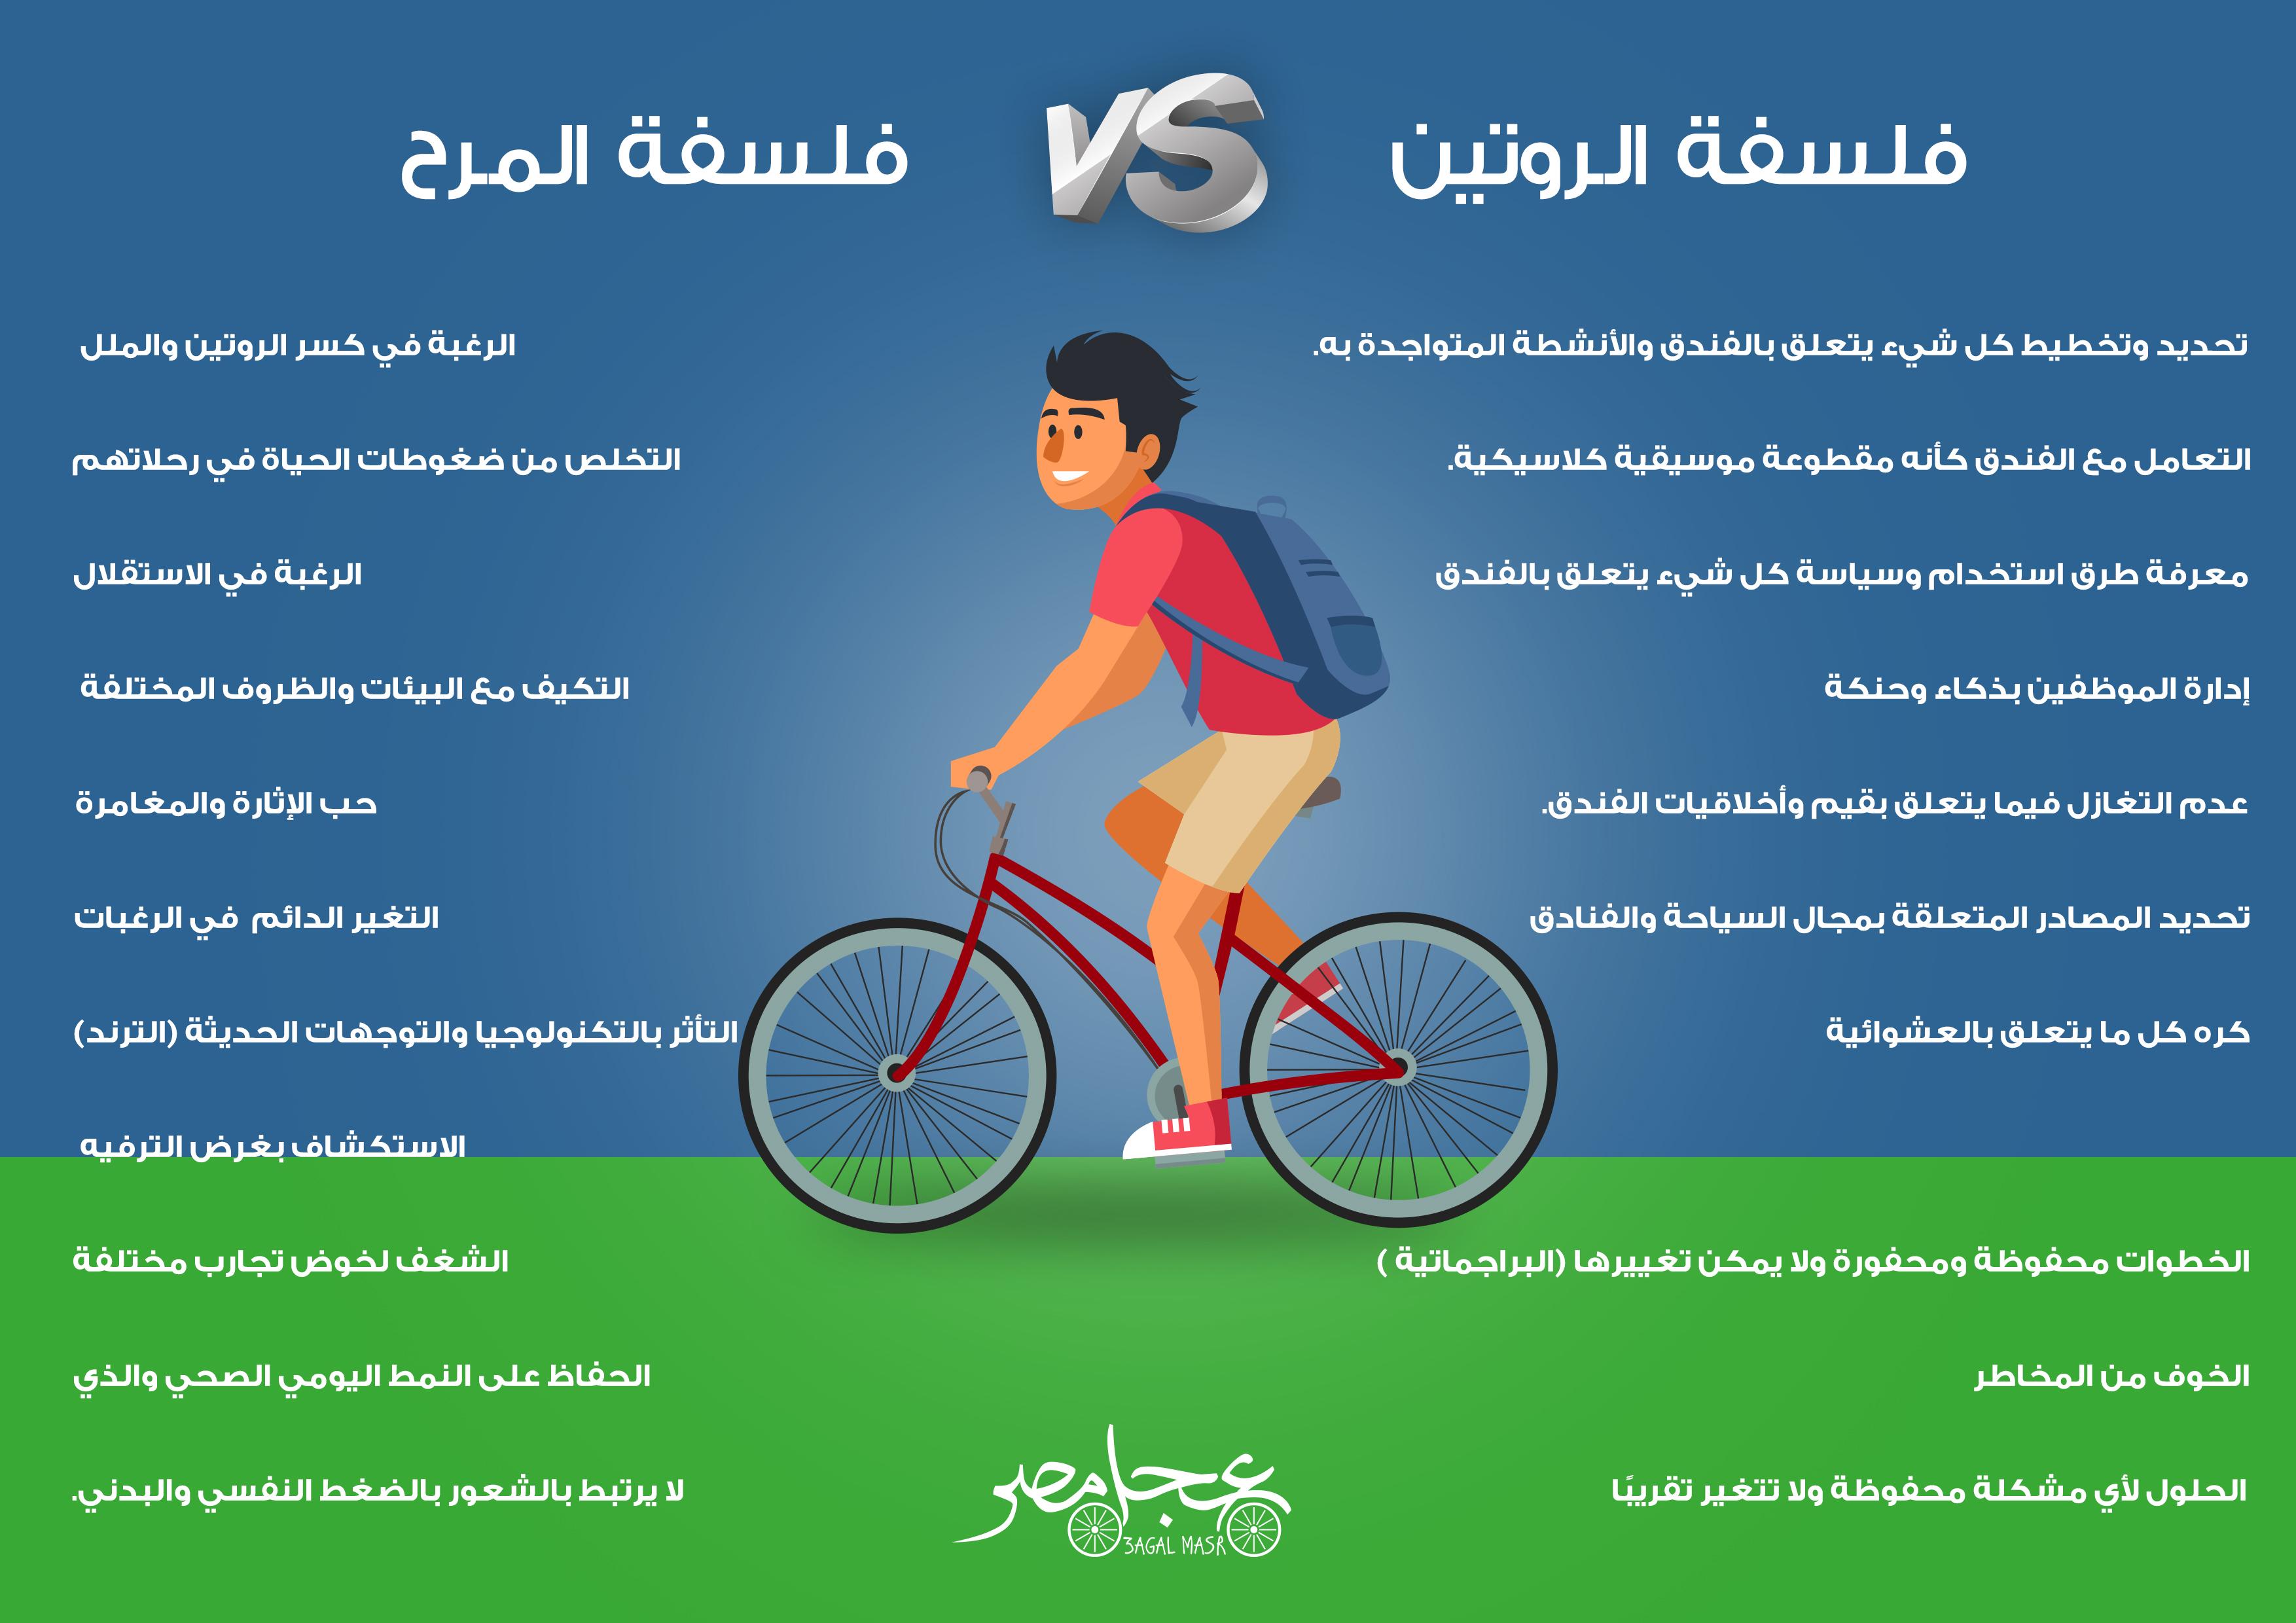 ما هي أهمية ركوب الدراجة الهوائية في الفنادق؟ (إنفوجرافيك)